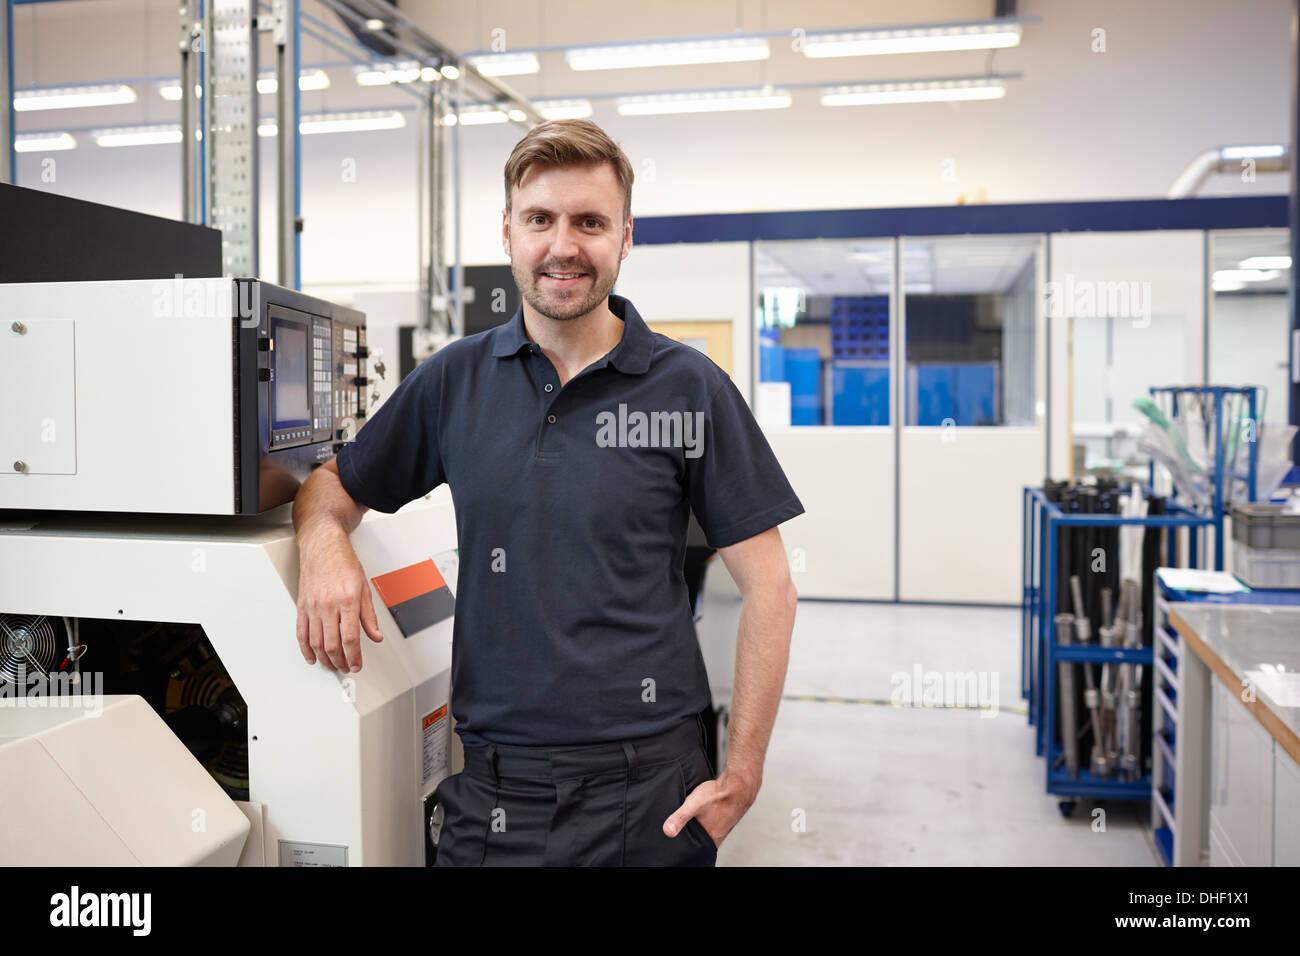 Porträt von Ingenieur und Ausrüstung in engineering-Fabrik Stockbild